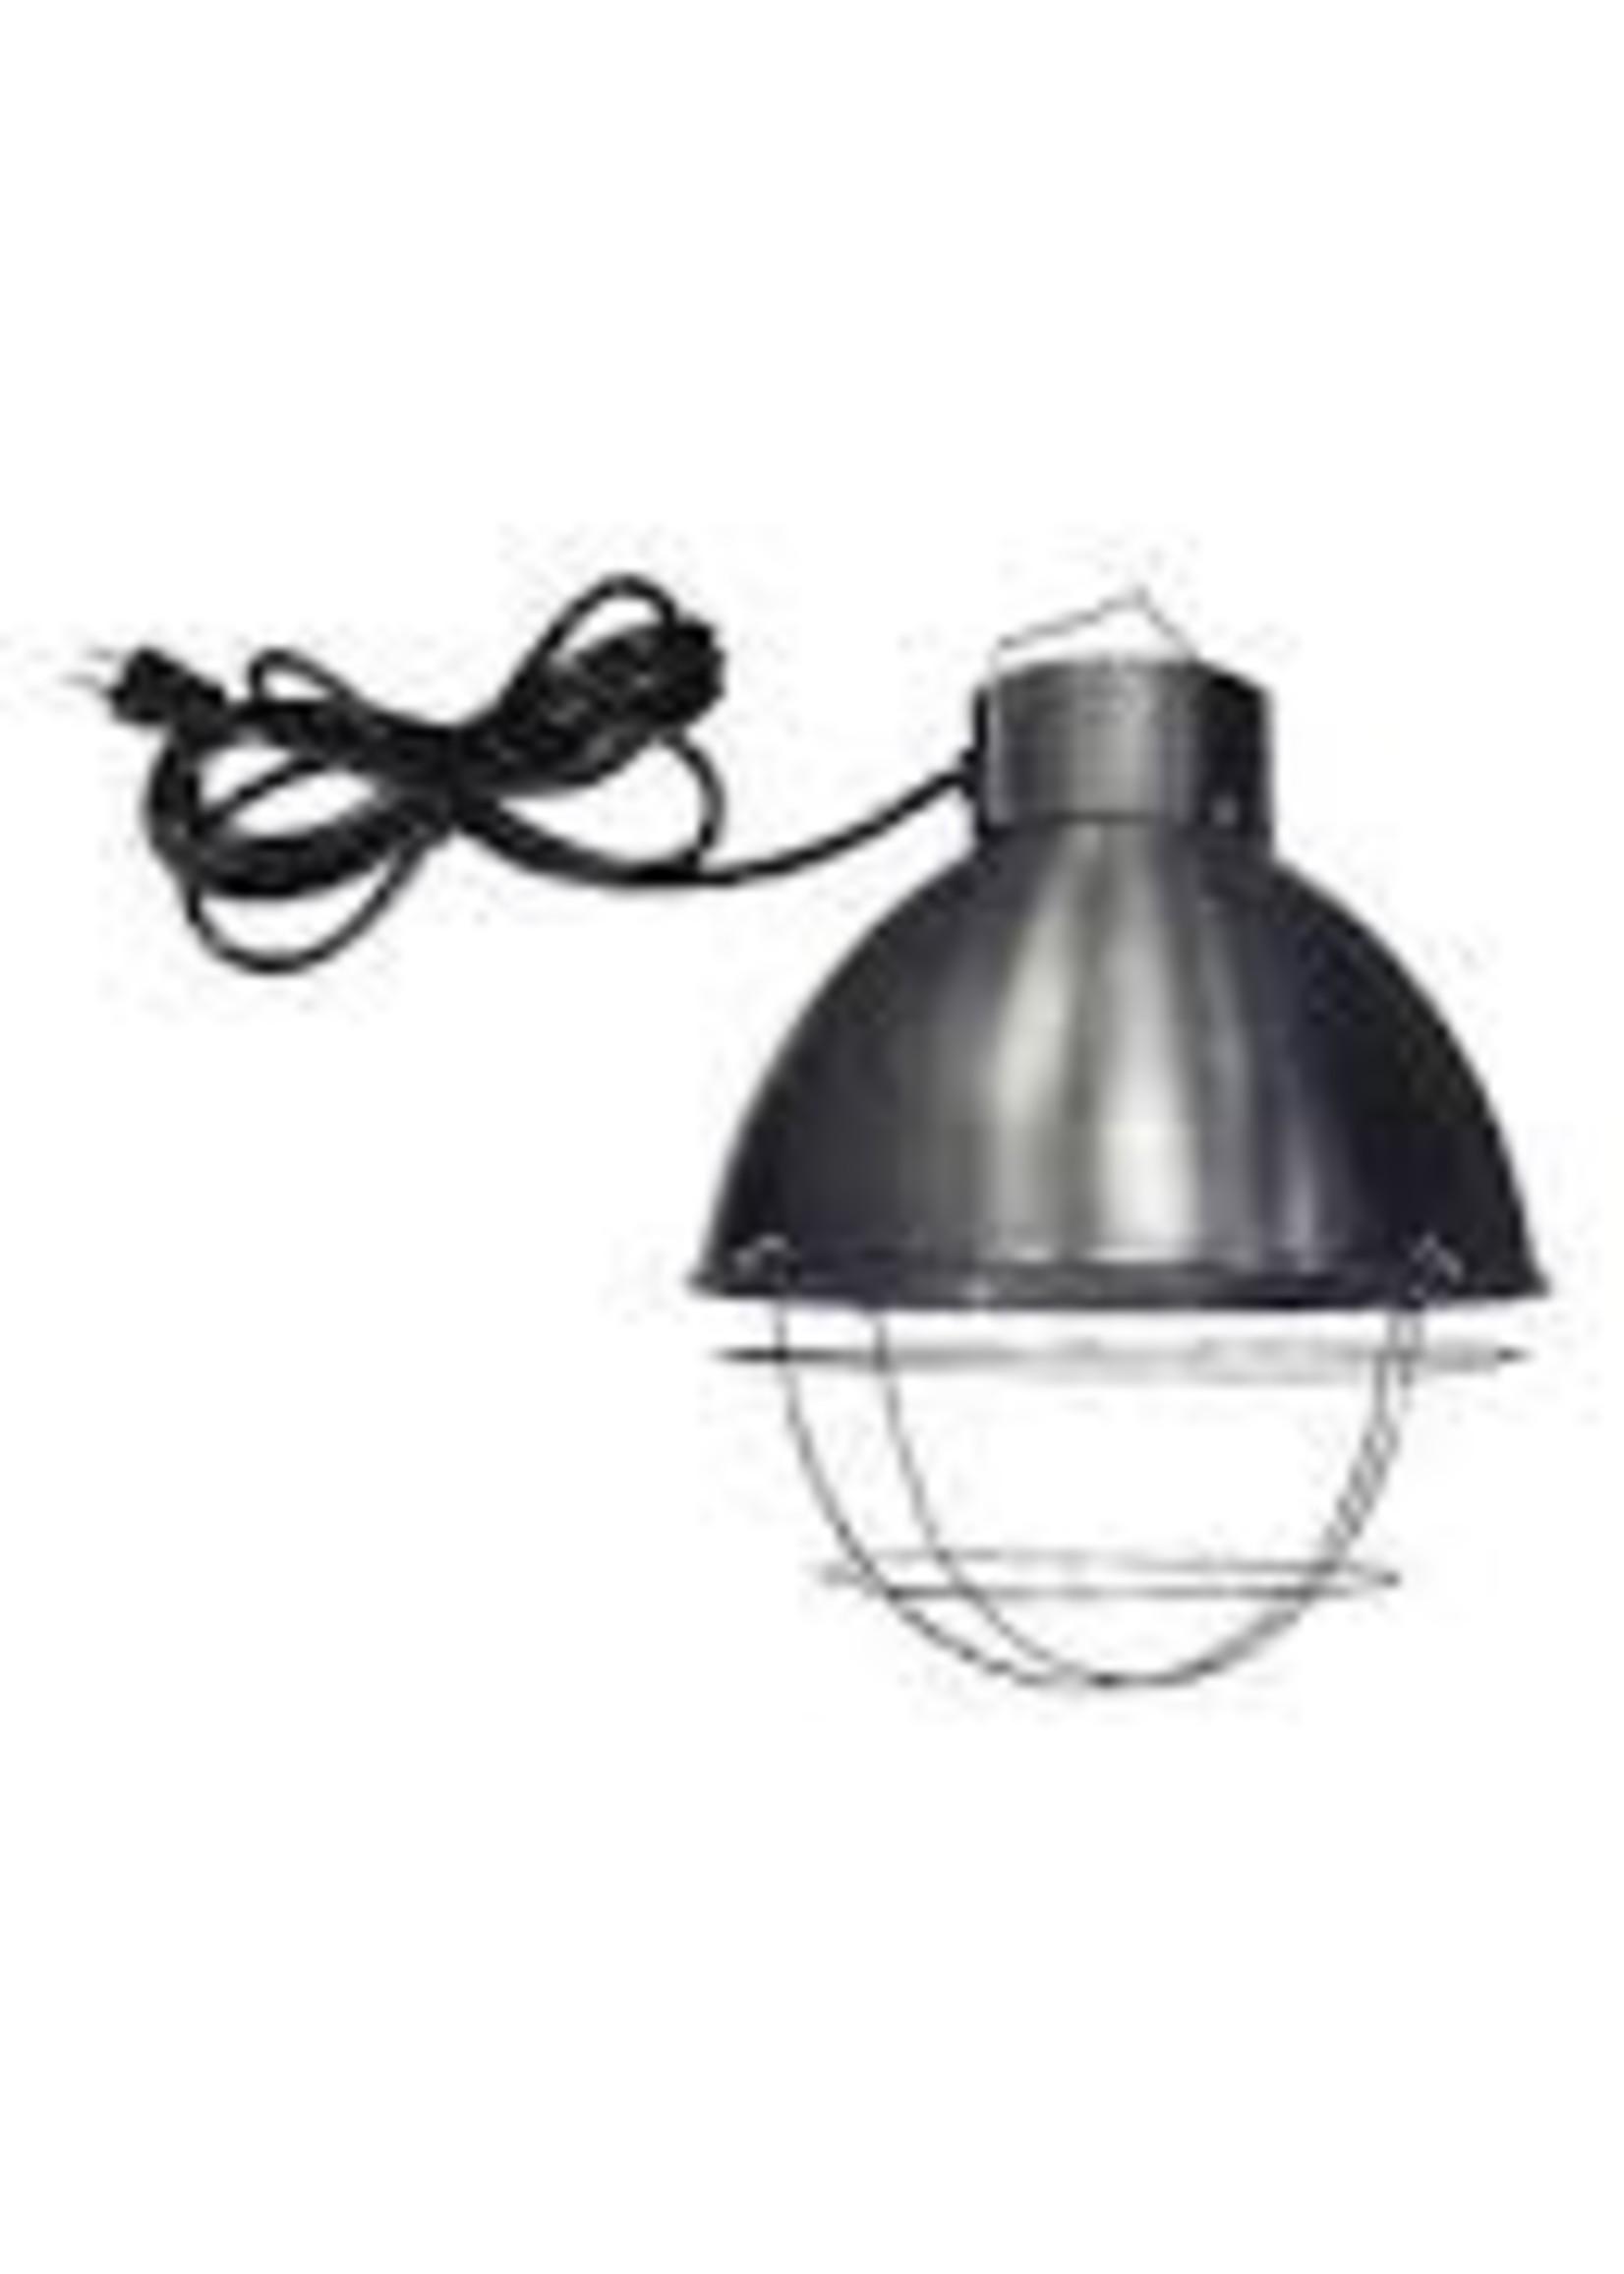 Lampe avec interupteur, 2 intensités